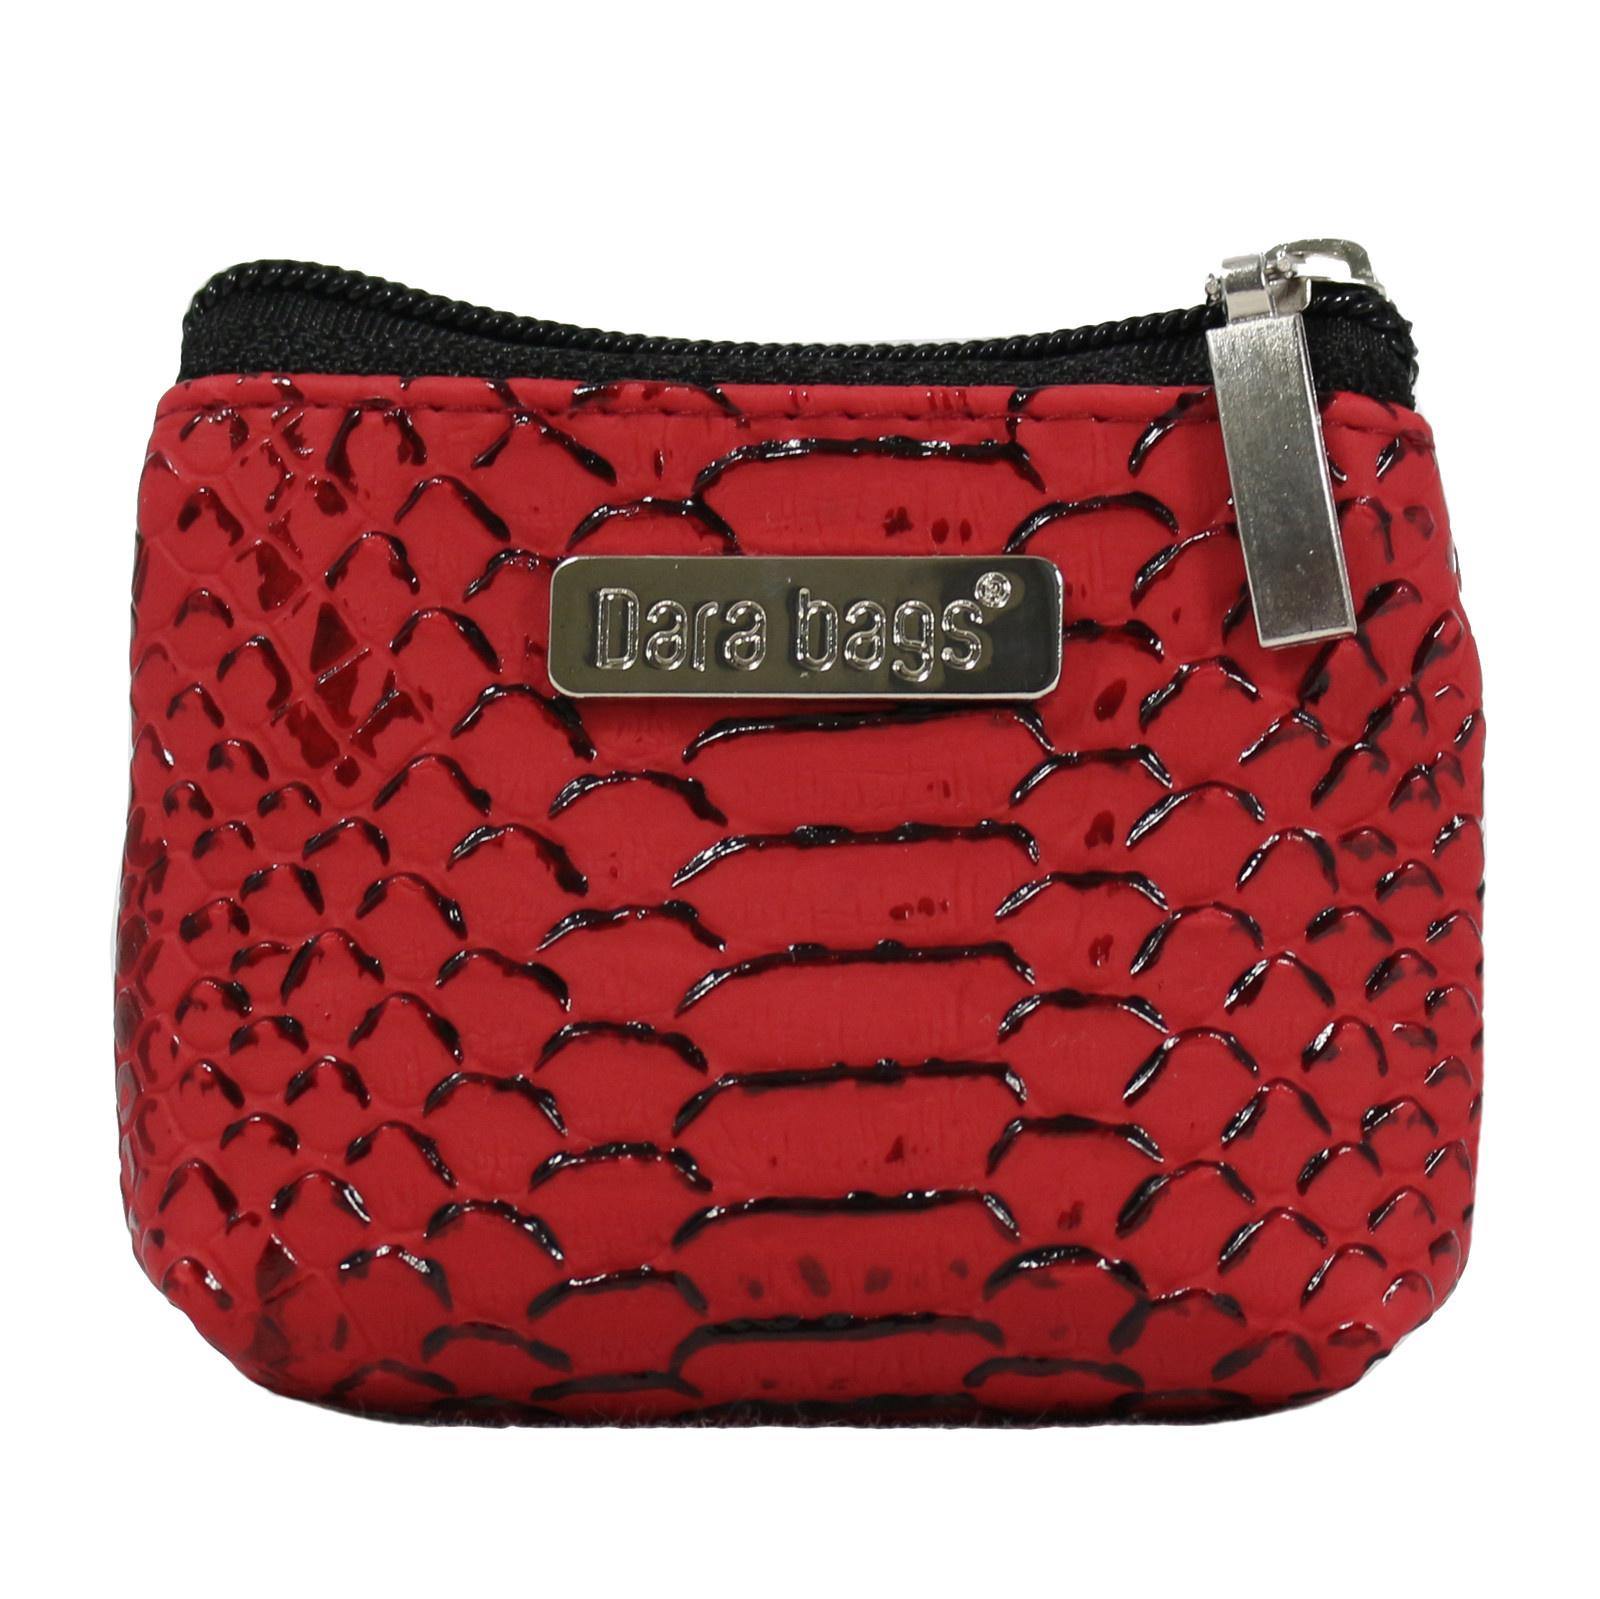 d3bae7c5c9 Baggie Mini no.385   Zboží prodejce Dara bags